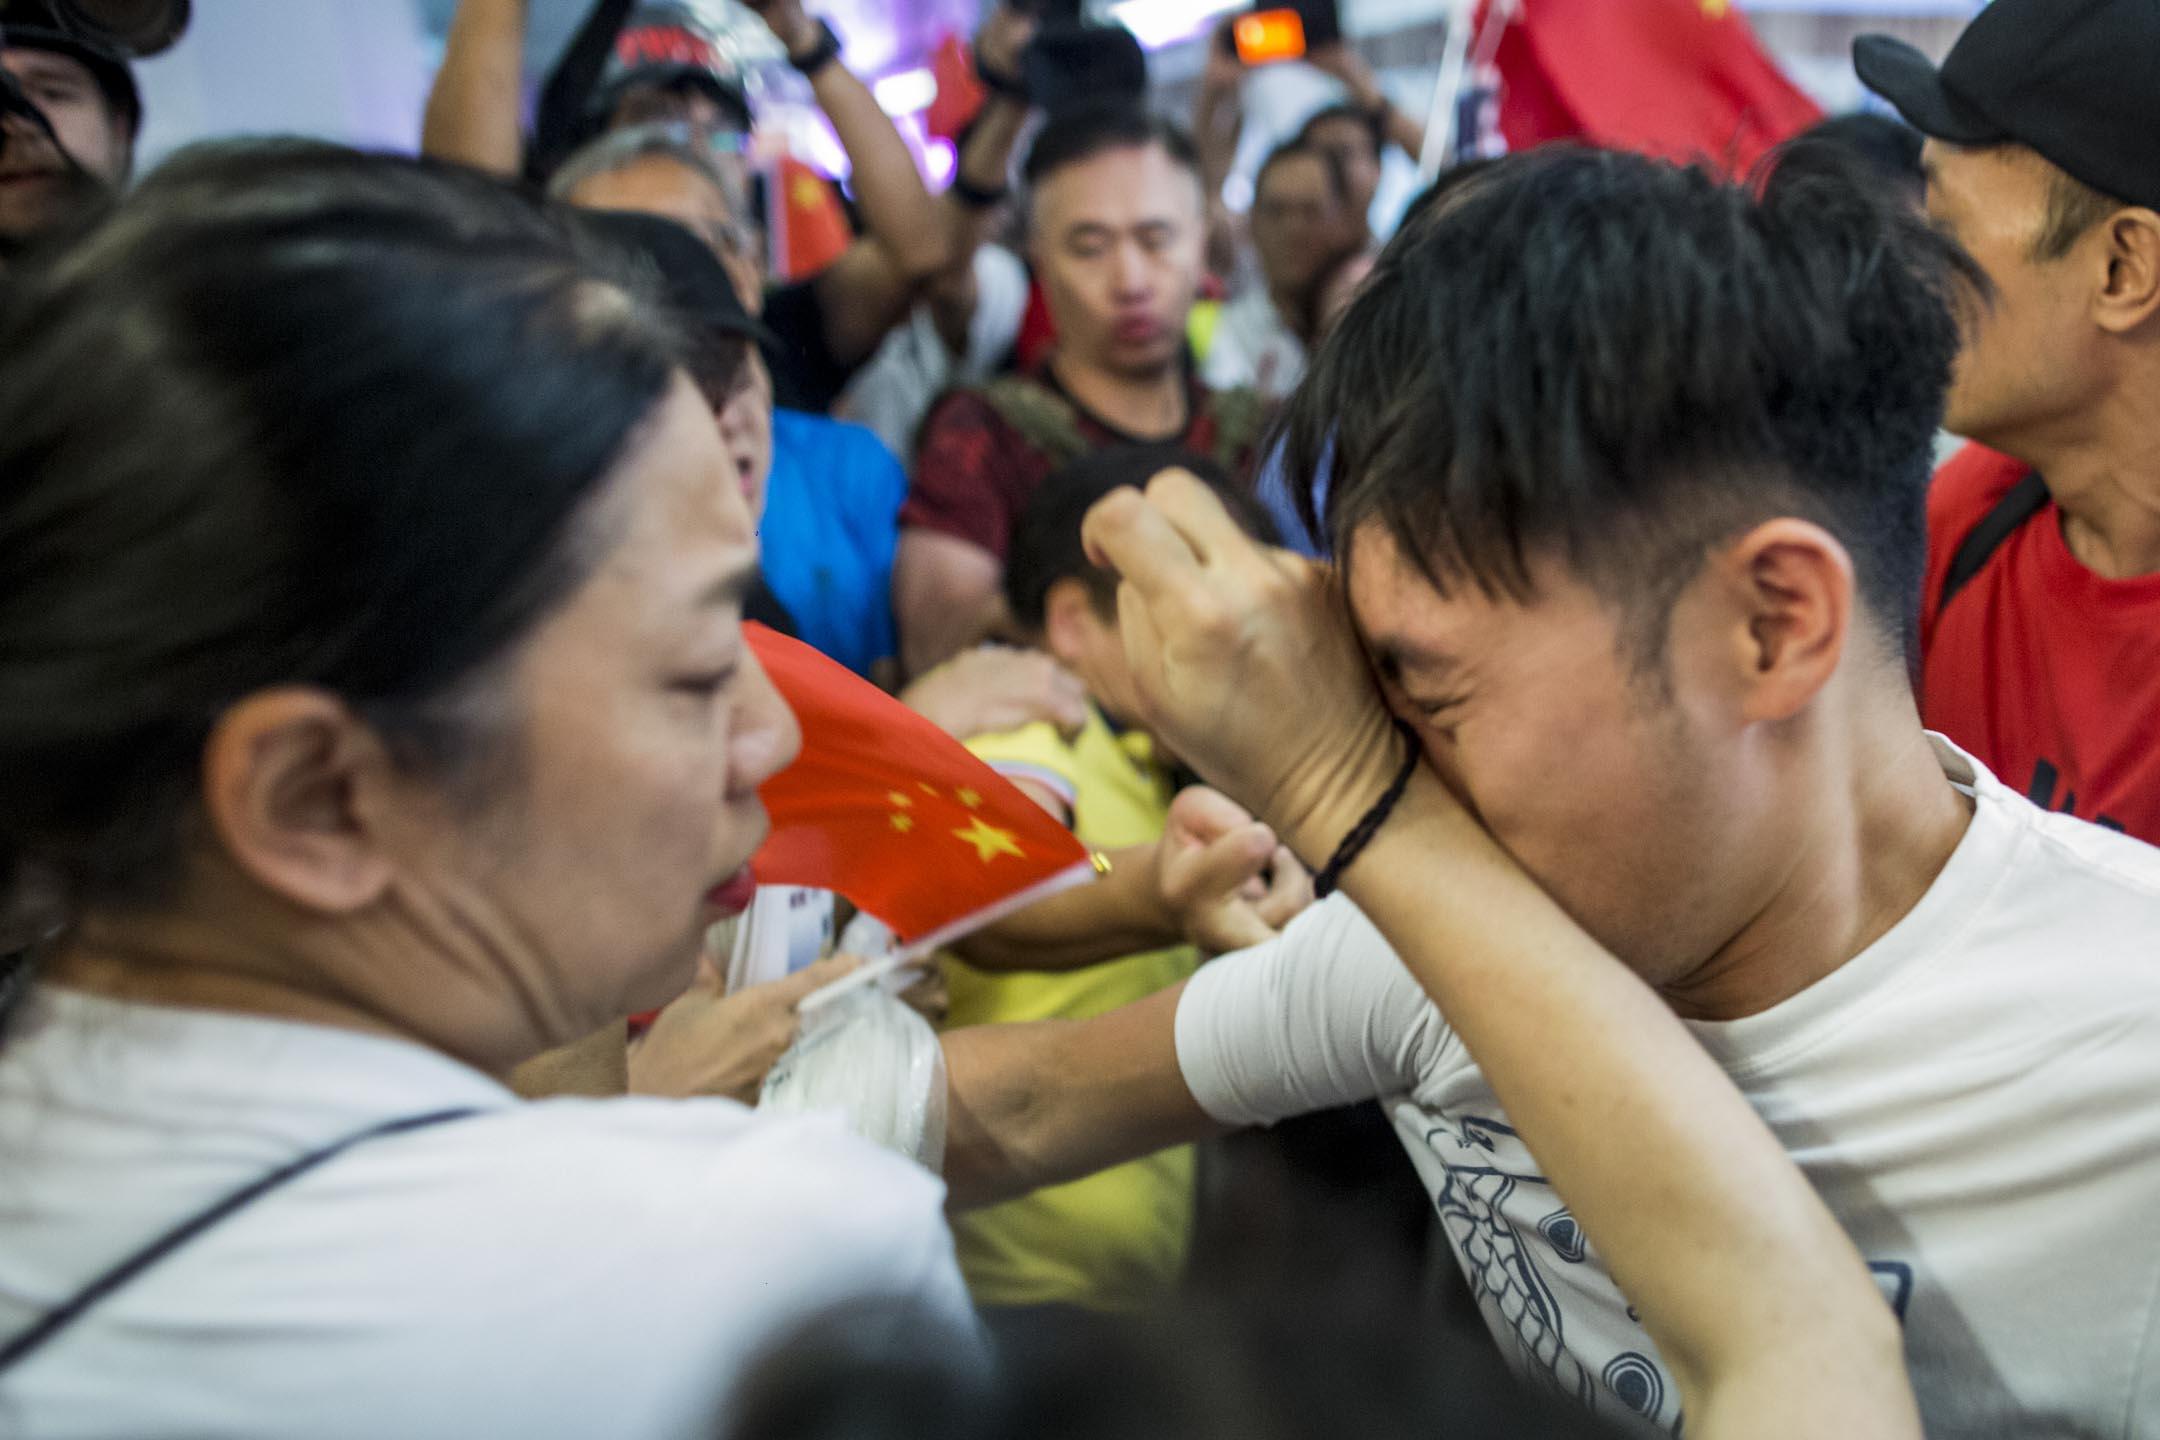 2019年9月14日,九龍灣淘大商場,持國旗的市民與在場一批青年發生口角及打架。 攝:林振東/端傳媒